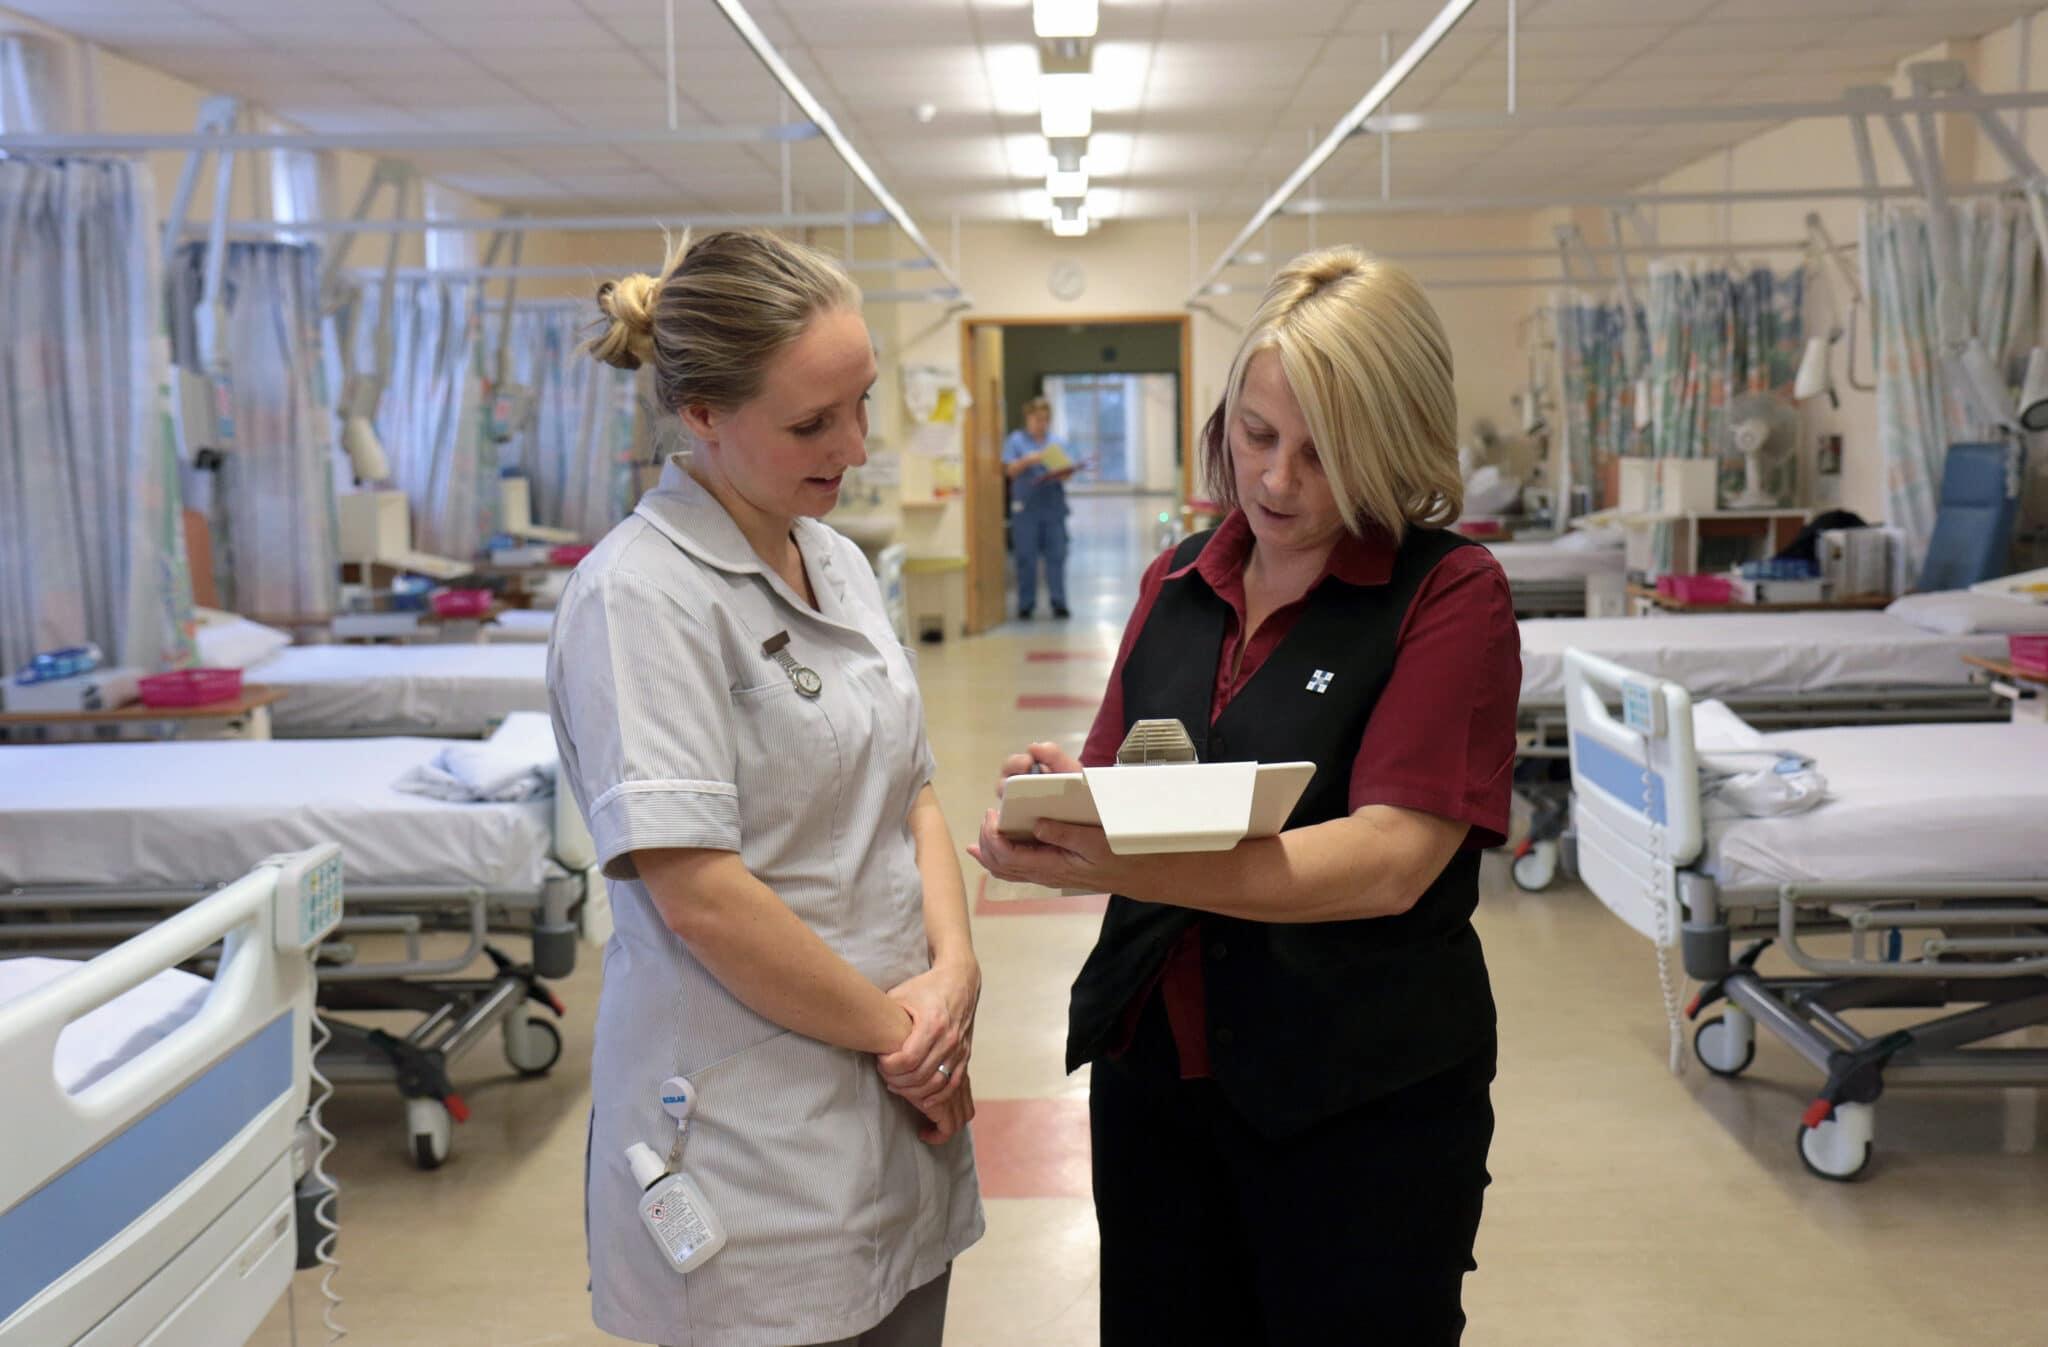 Nursing associate at a hospital ward